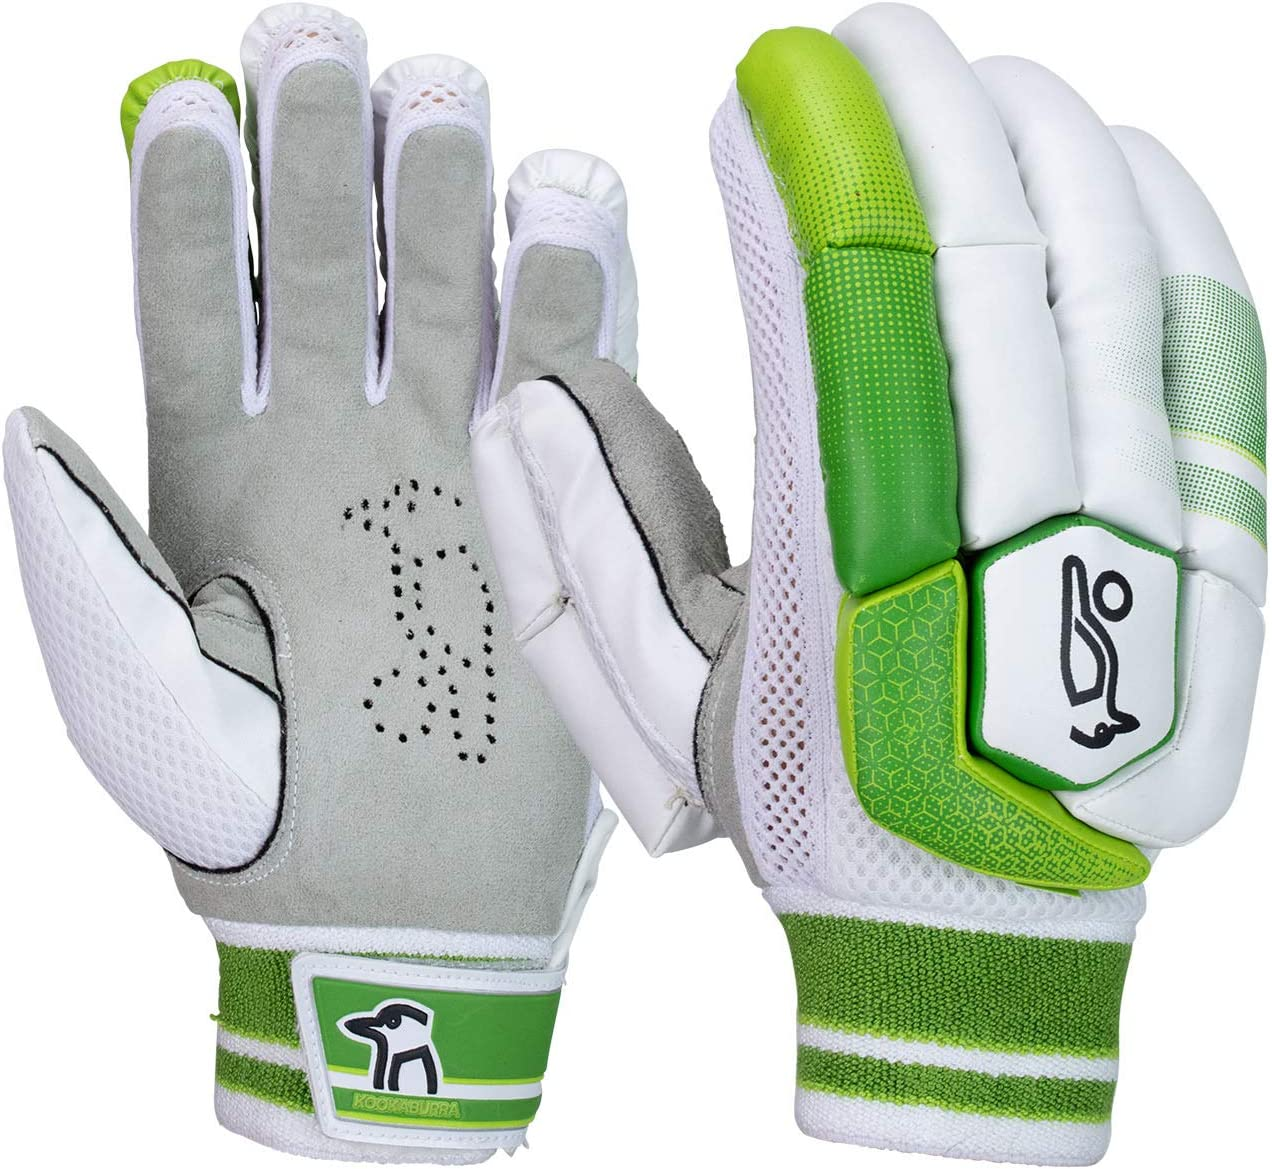 Kookaburra Shadow 5.1 Batting Gloves New 2020